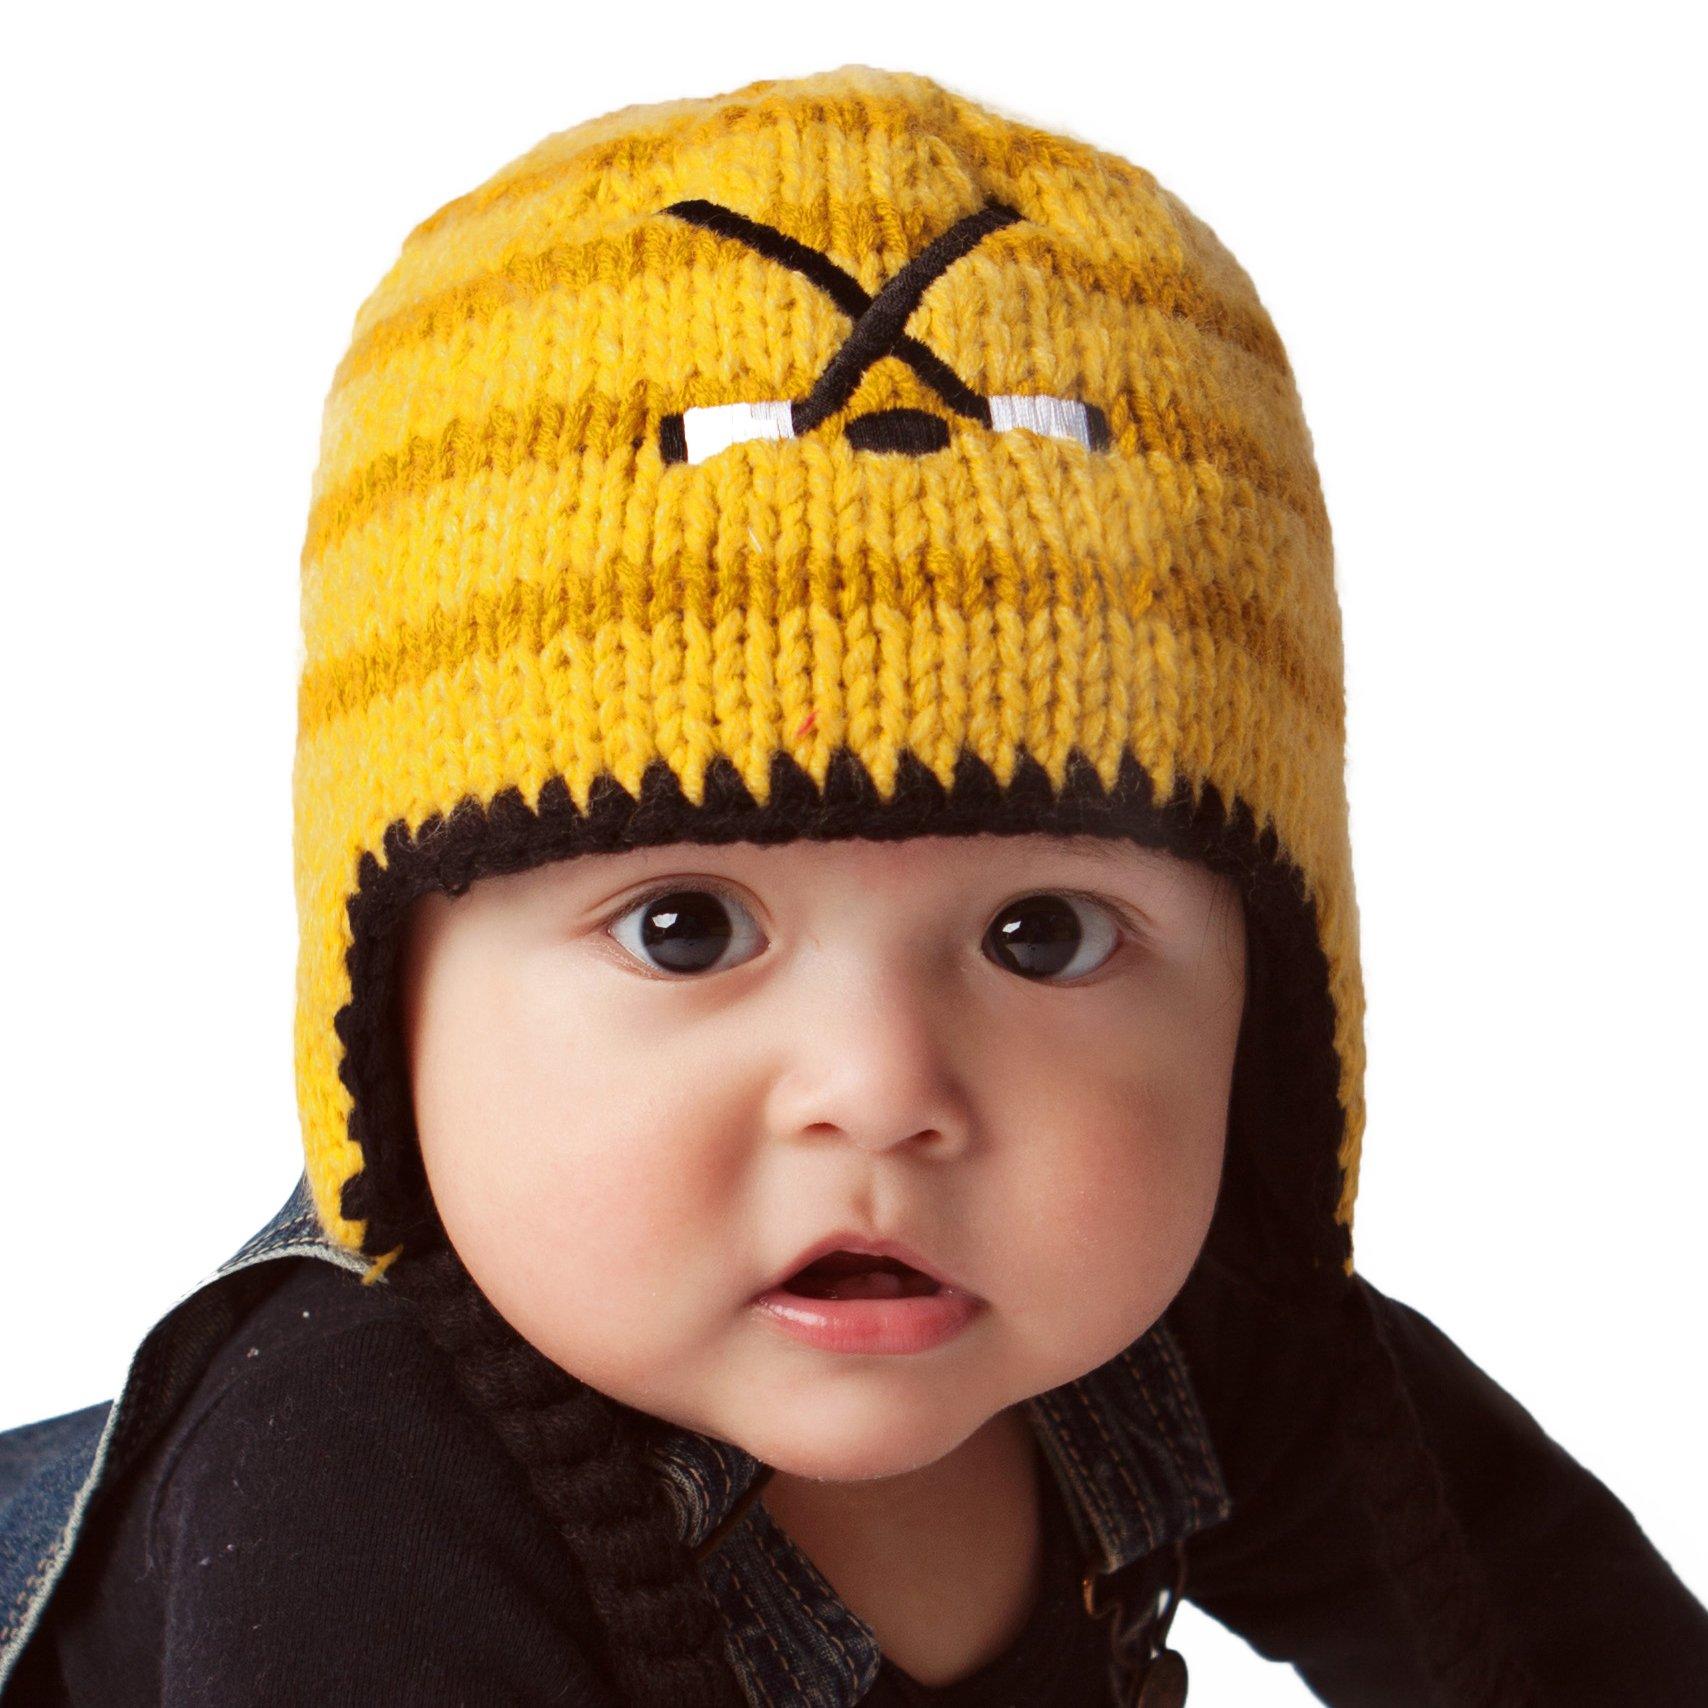 Baby Hockey: Amazon.com